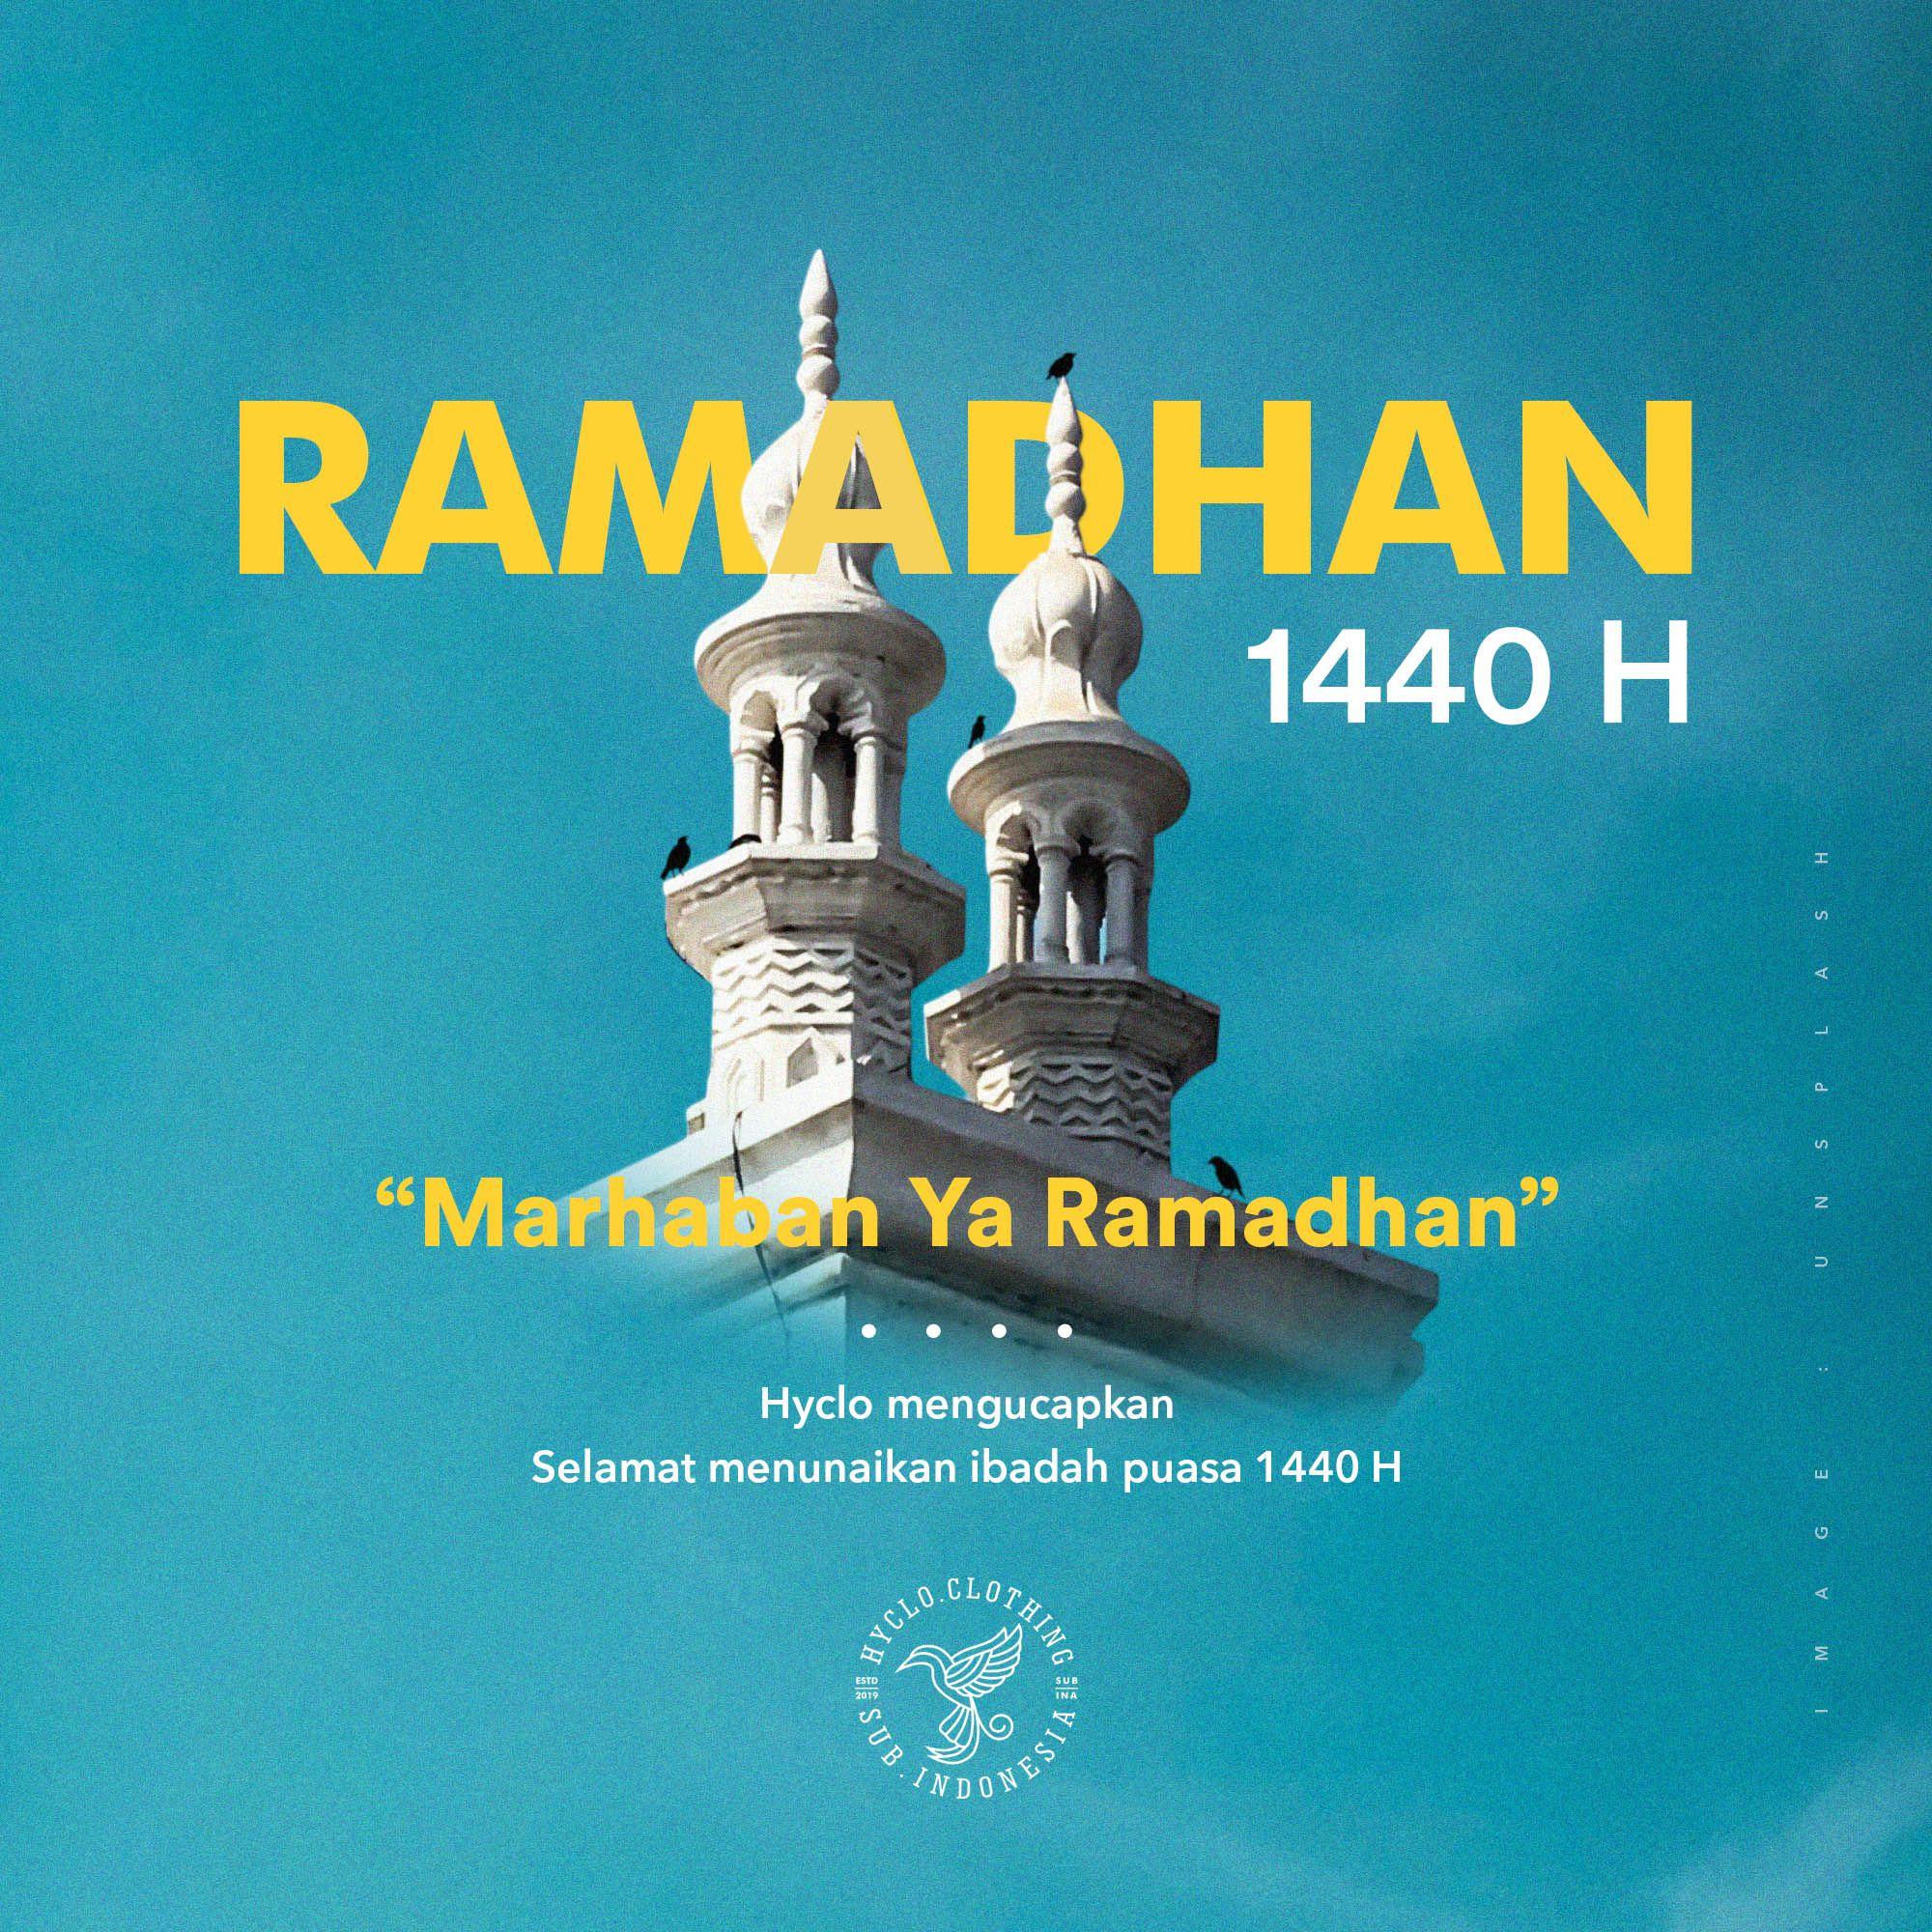 Marhaban Ya Ramadhan . Ucapan ramadhan 2019 #ramadhan2019 ...